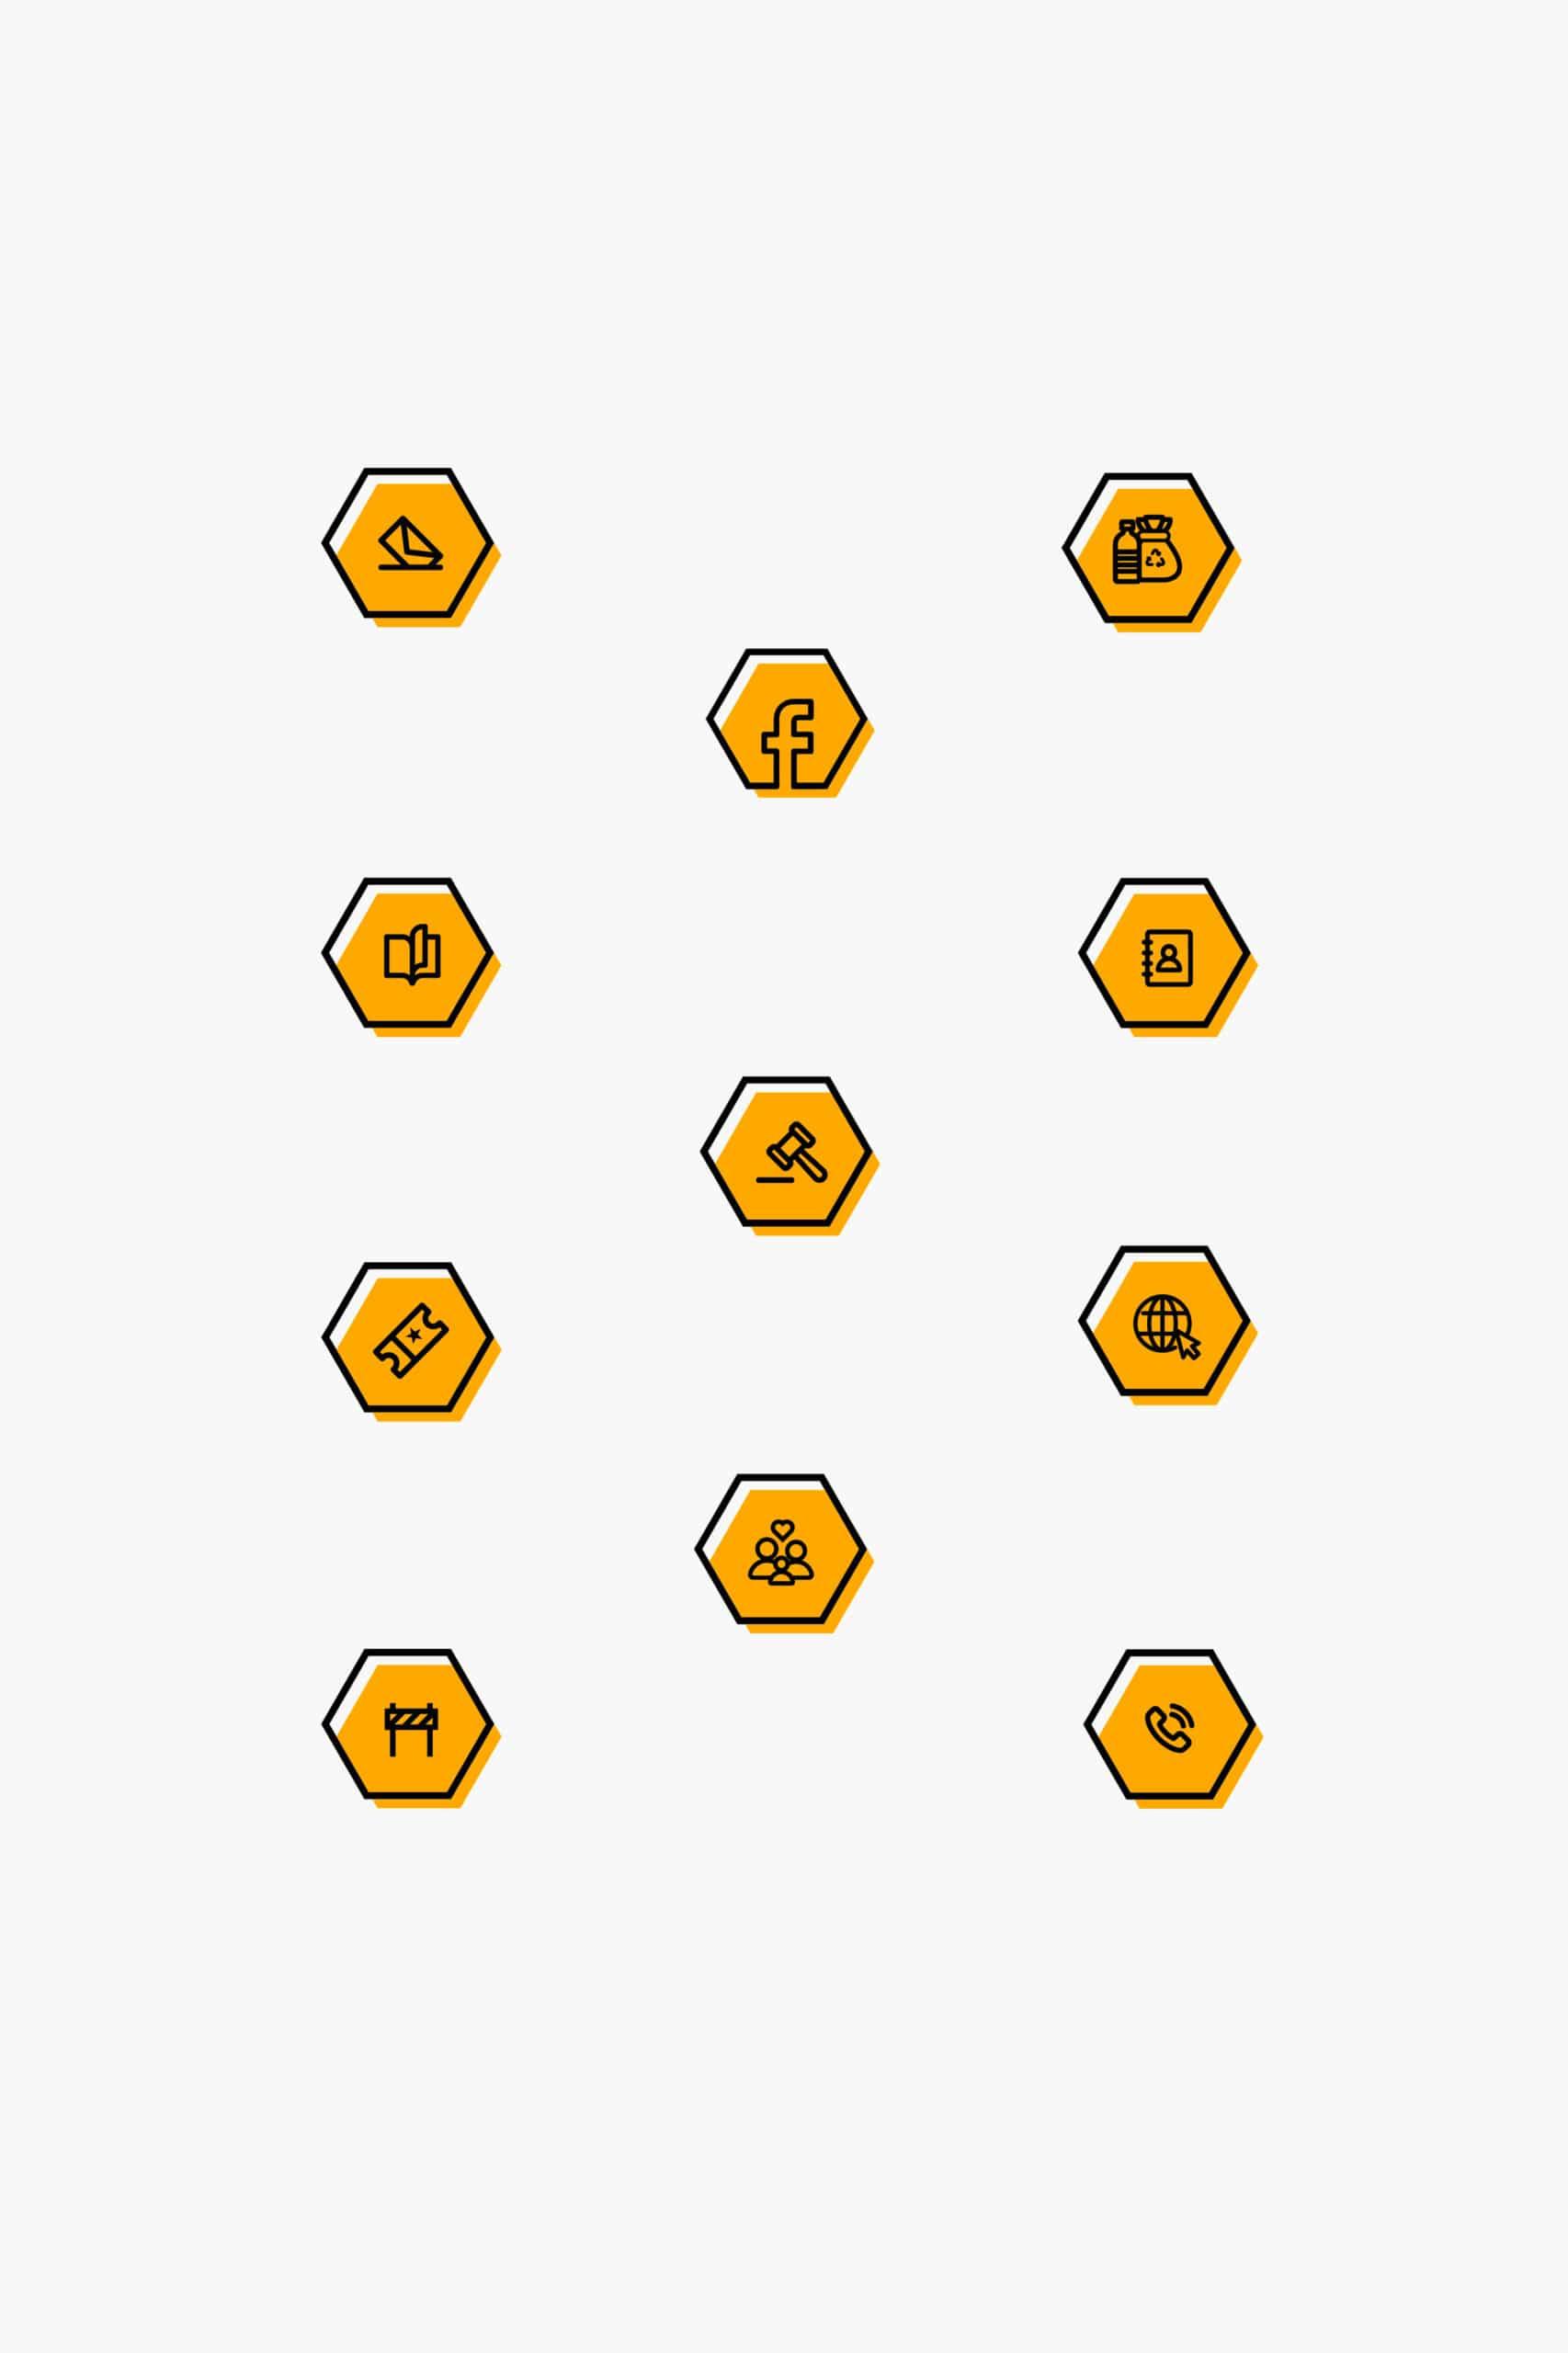 les 11 pictogrammes noir et jaune réalisés sous forme d'hexagones